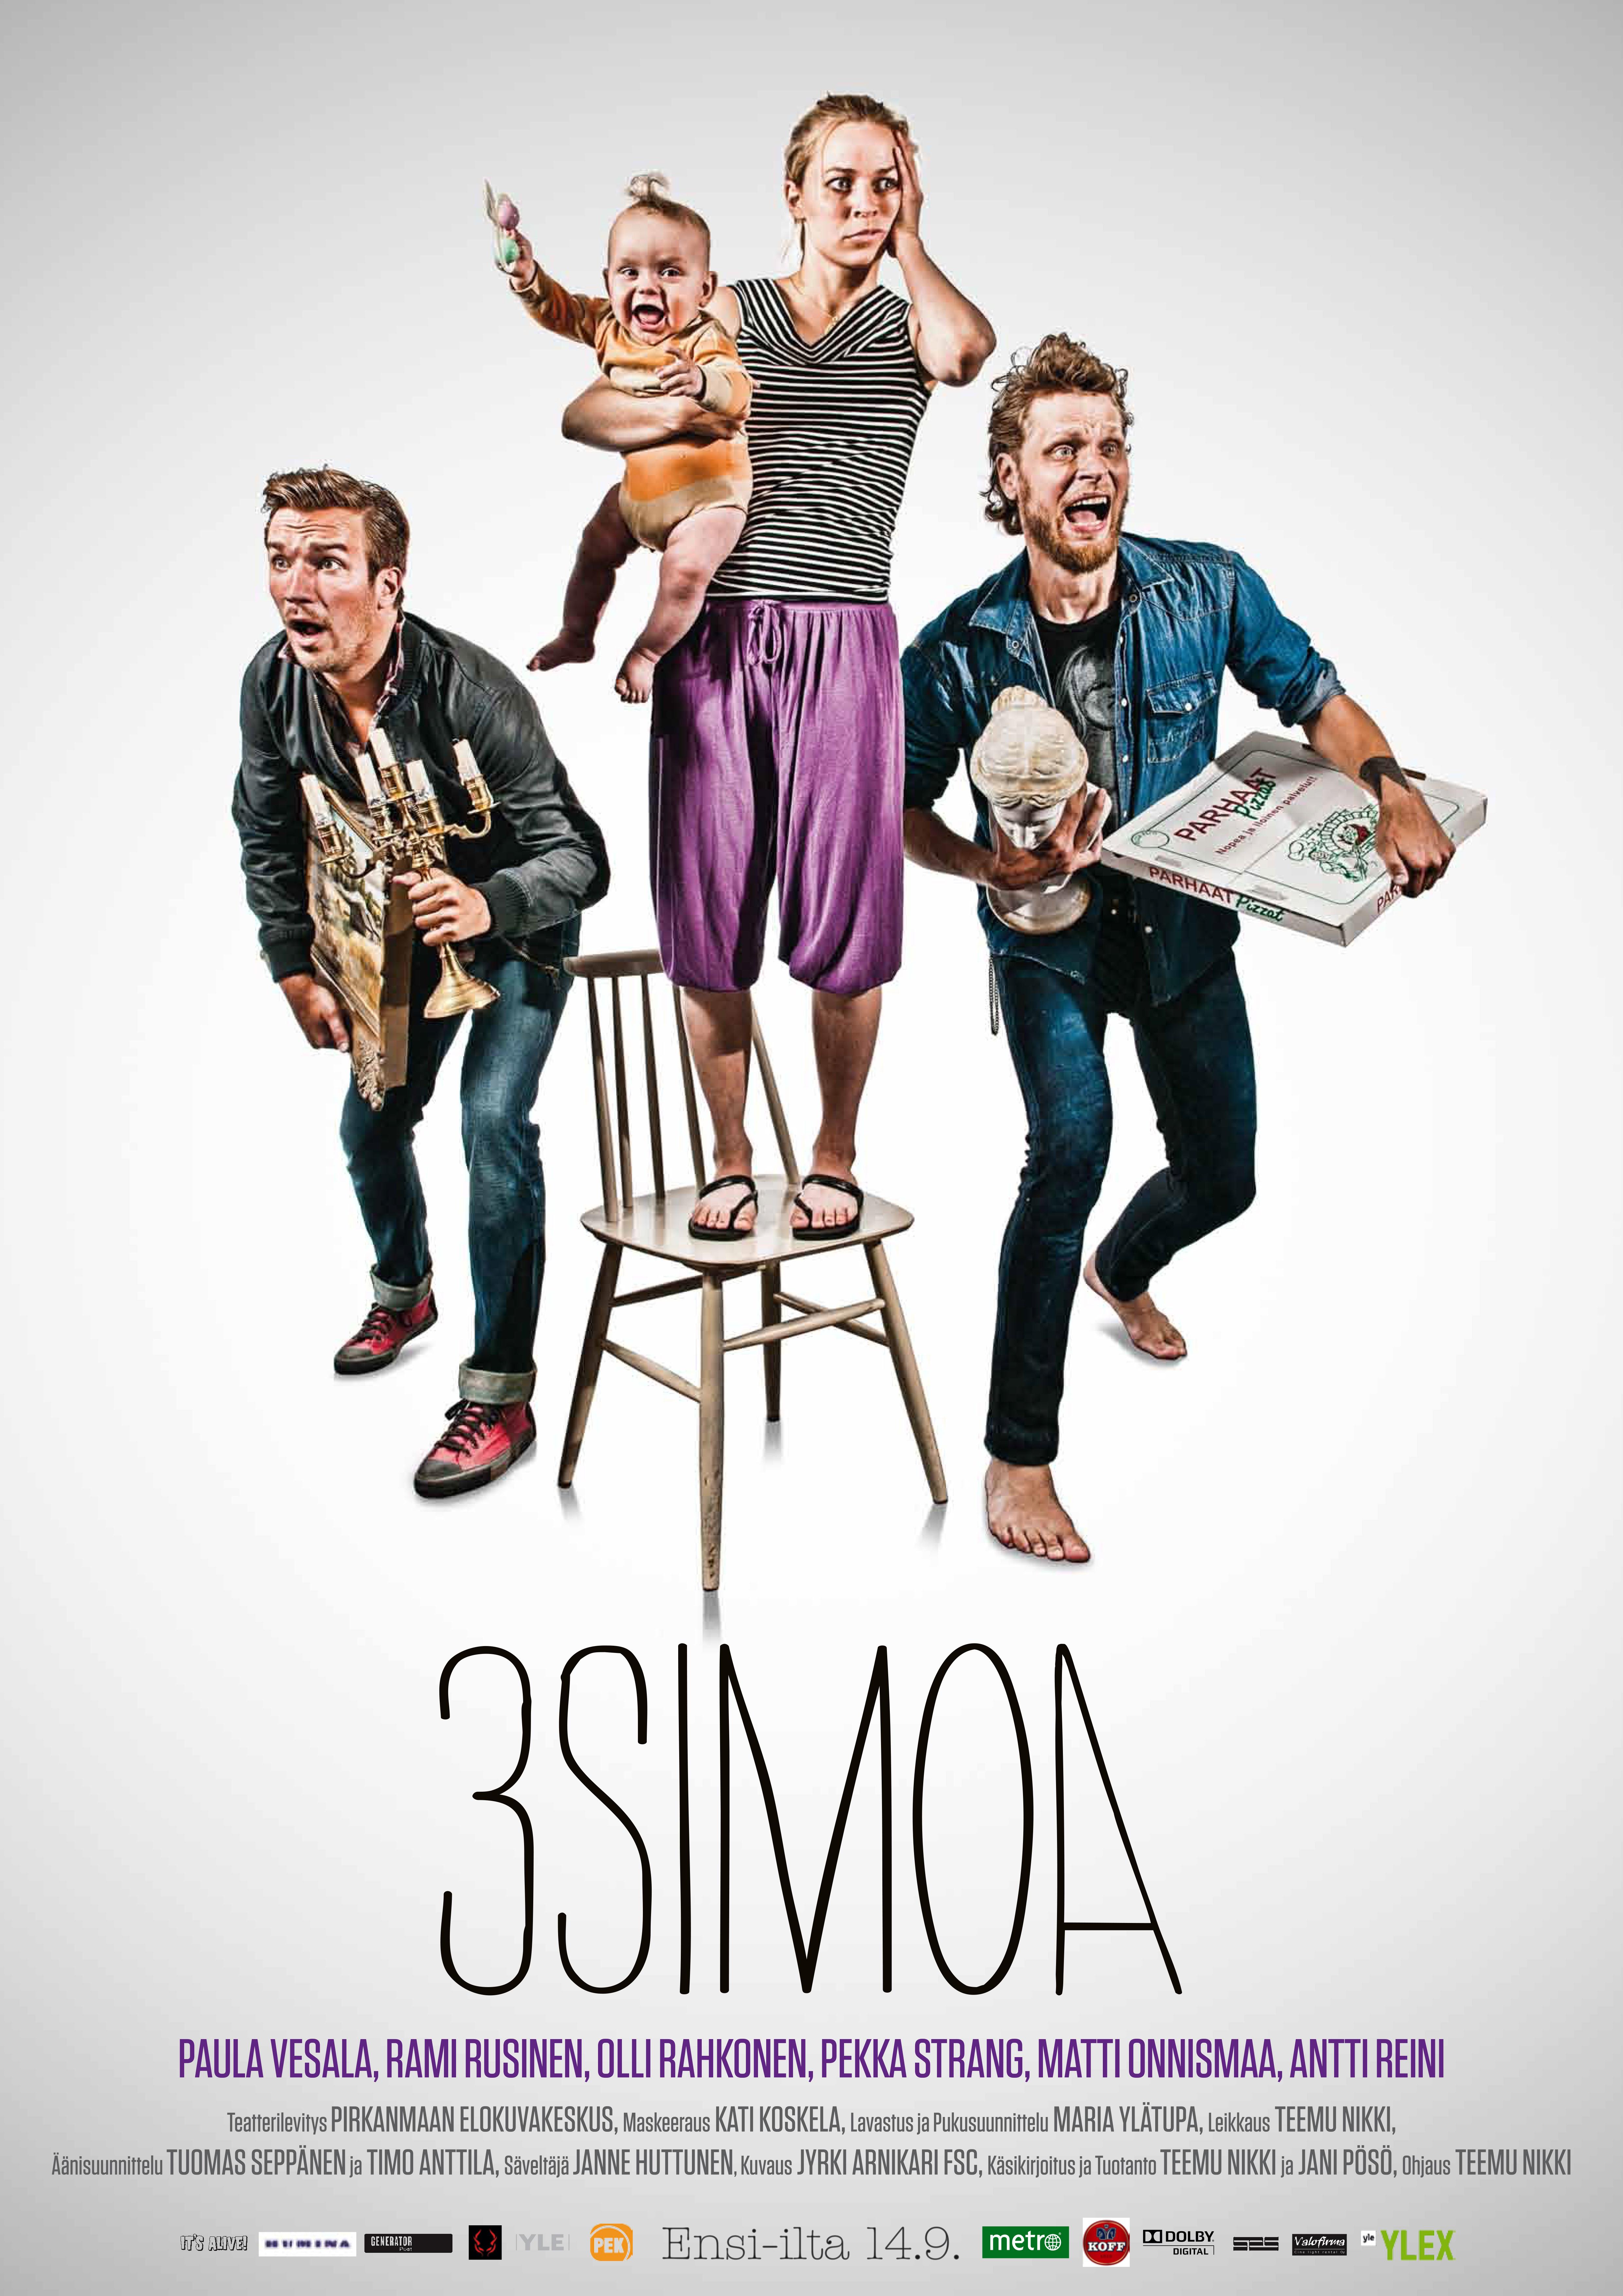 دانلود زیرنویس فارسی فیلم 3 Simoa